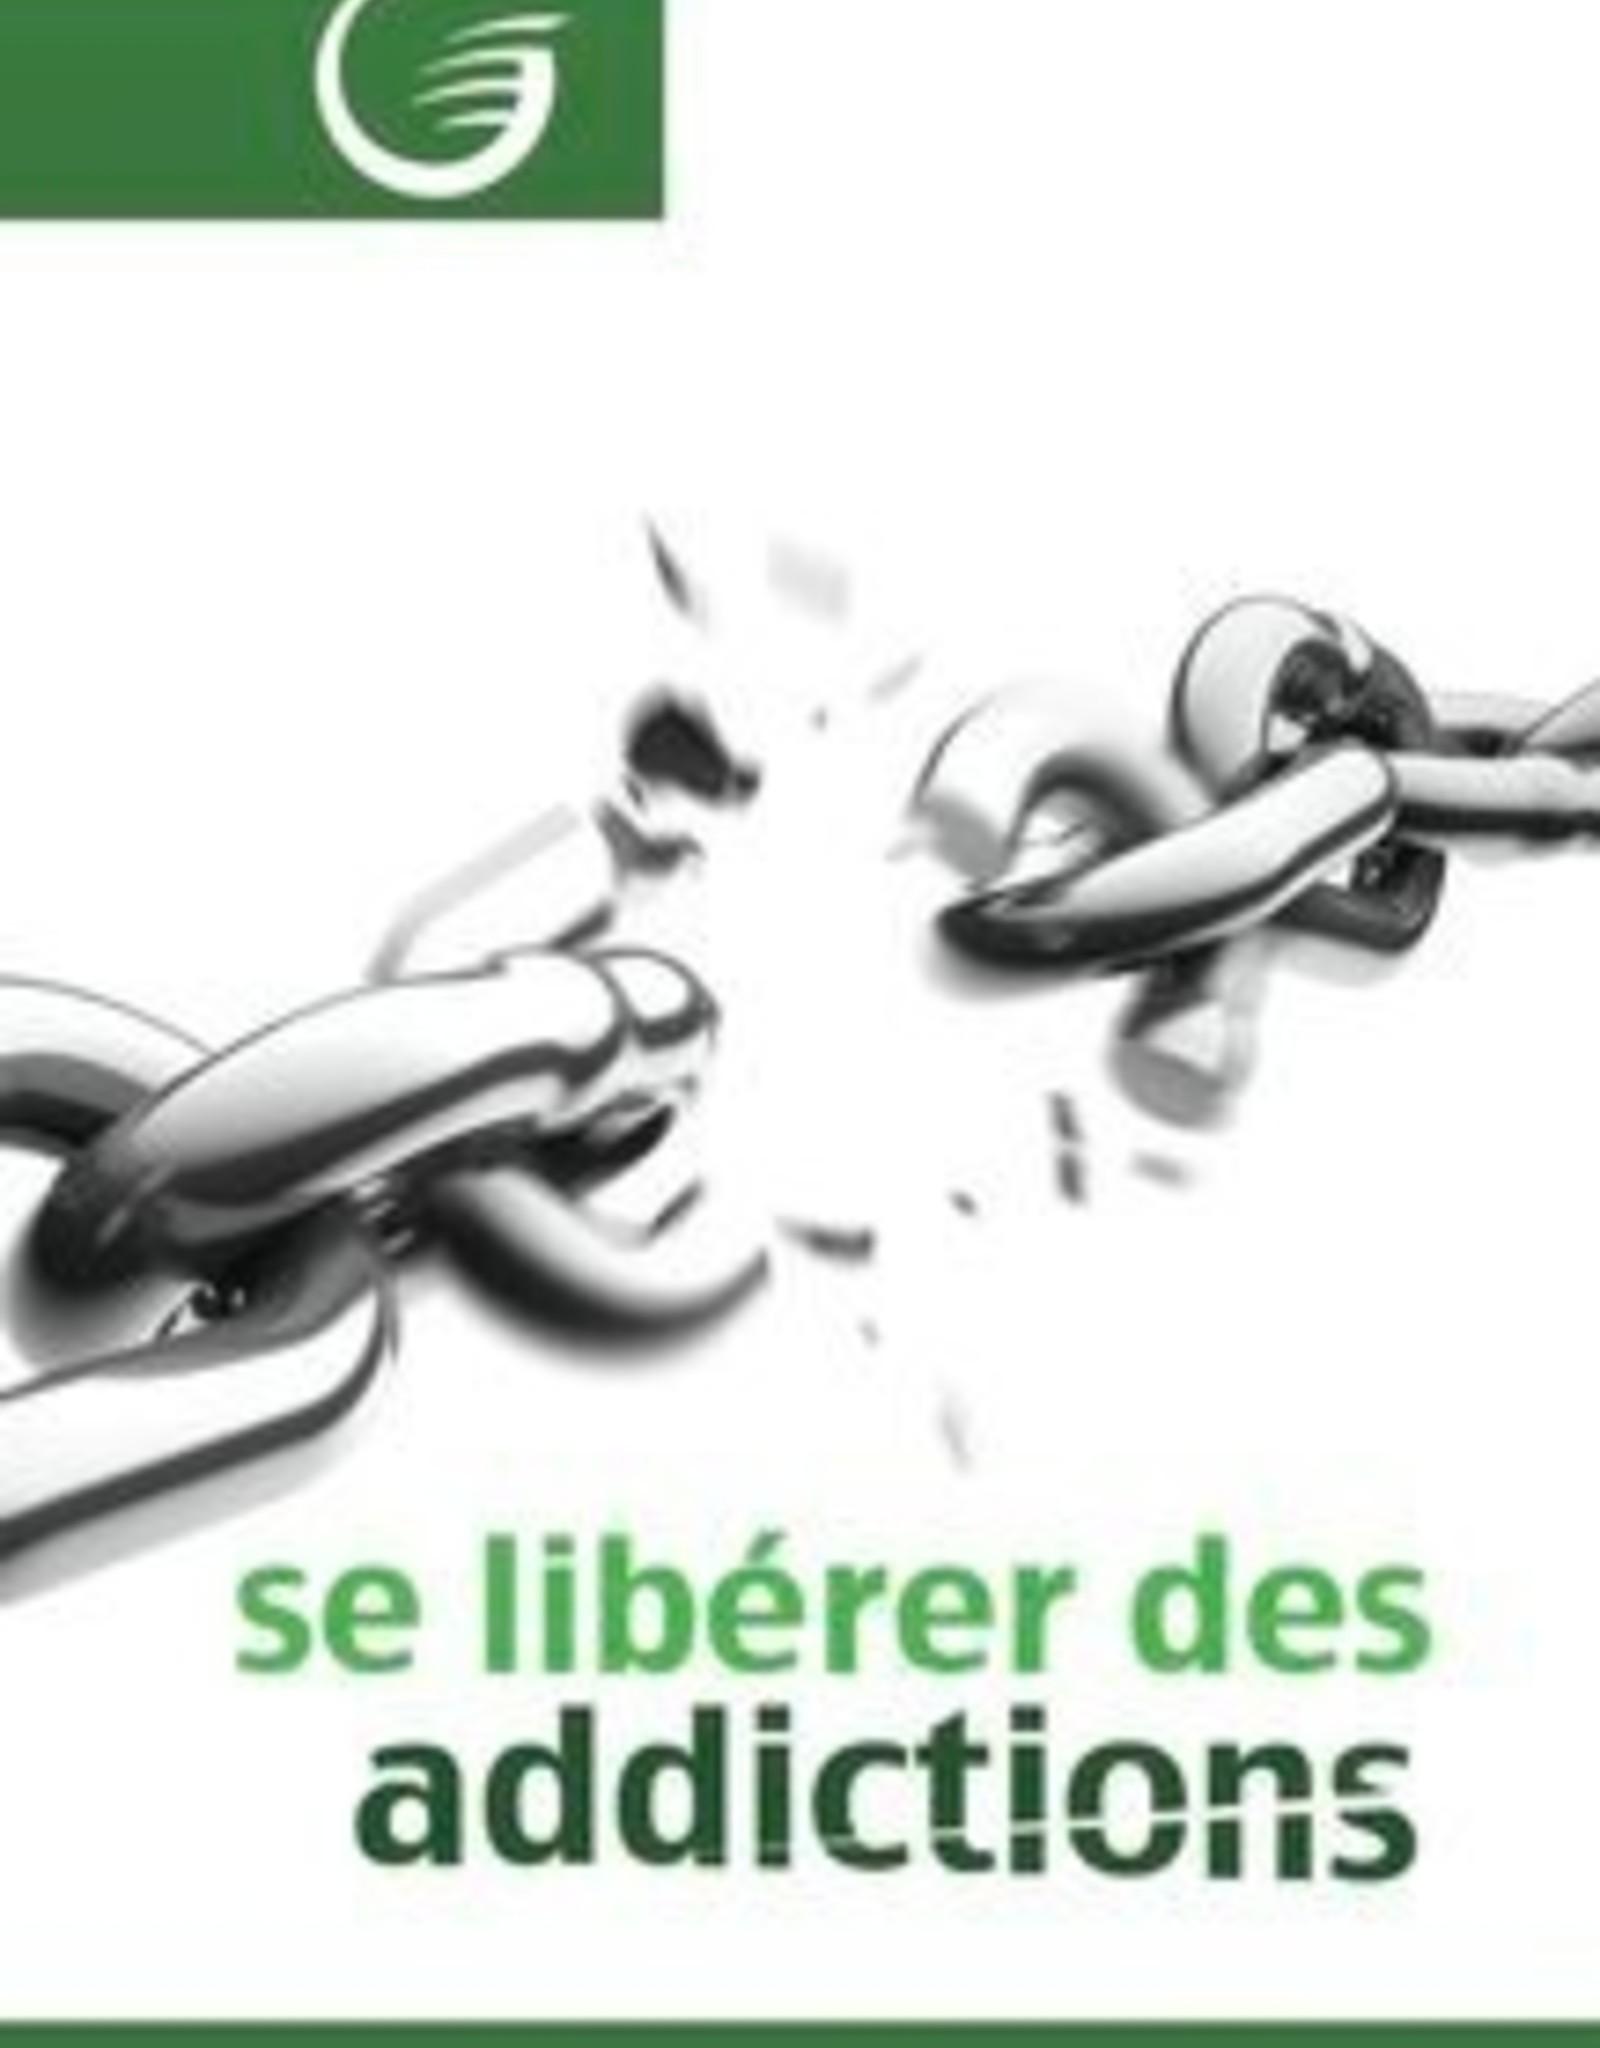 Glow Se libérer des addictions